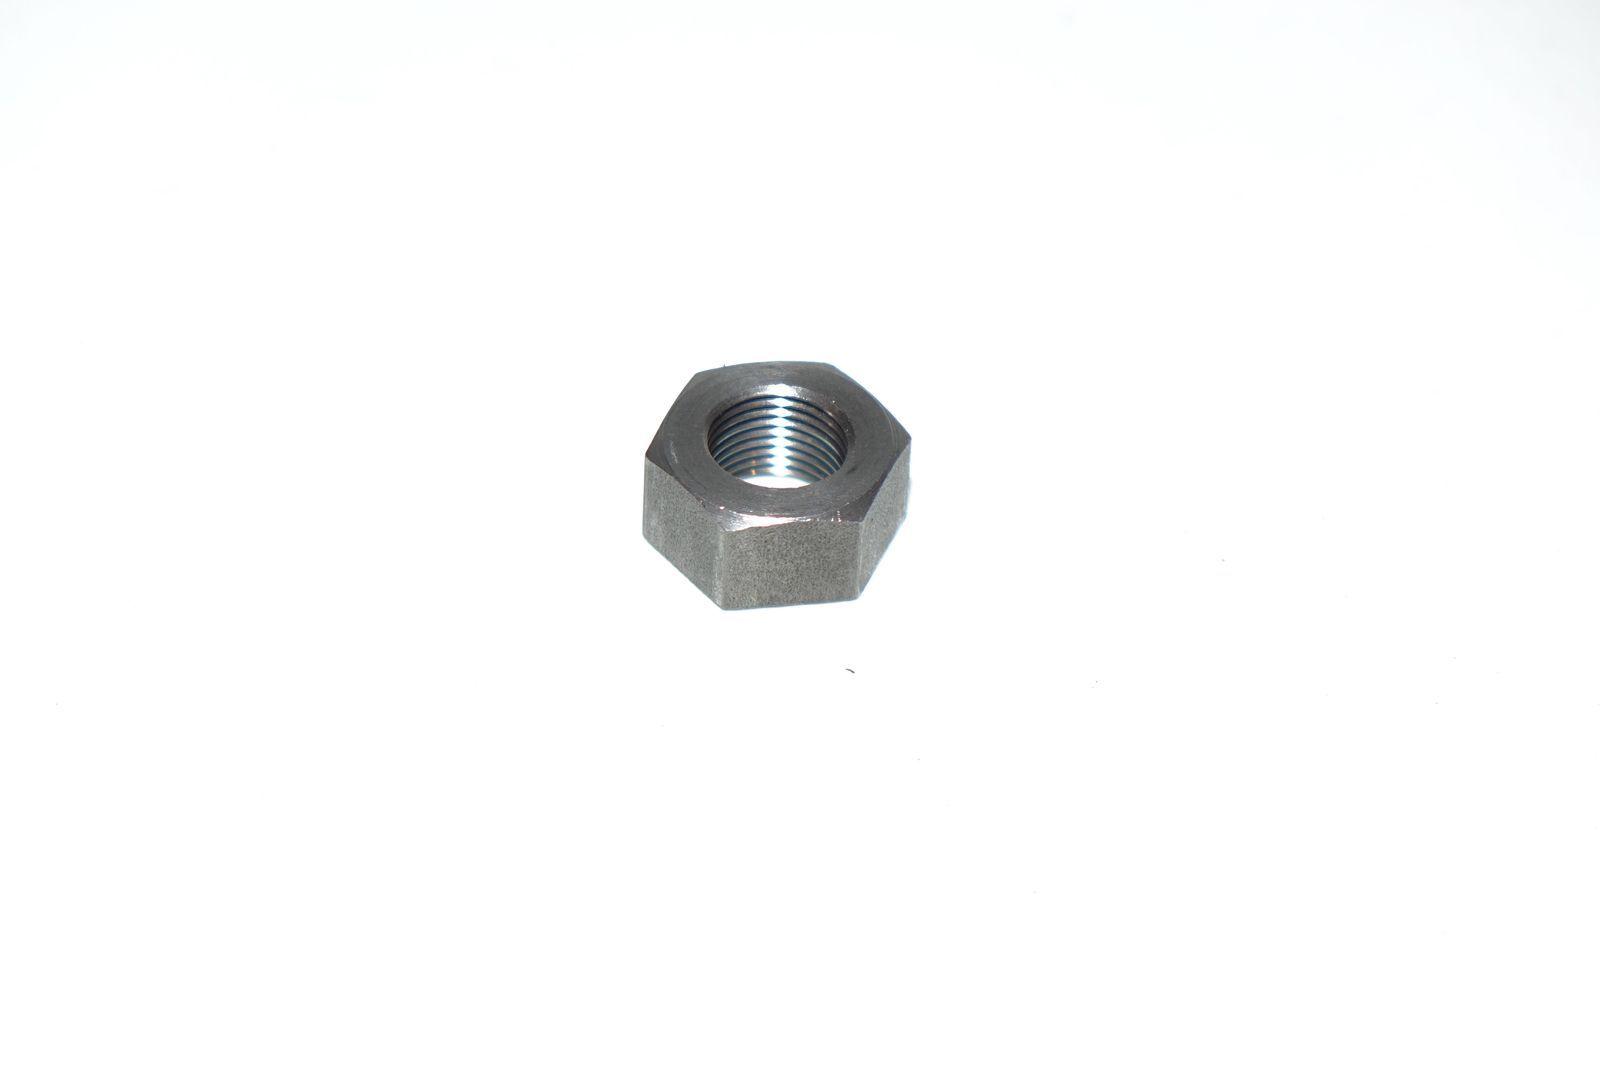 !Zylinderkopf-Mutter Triumph Spitfire, Midget 1500, 110748